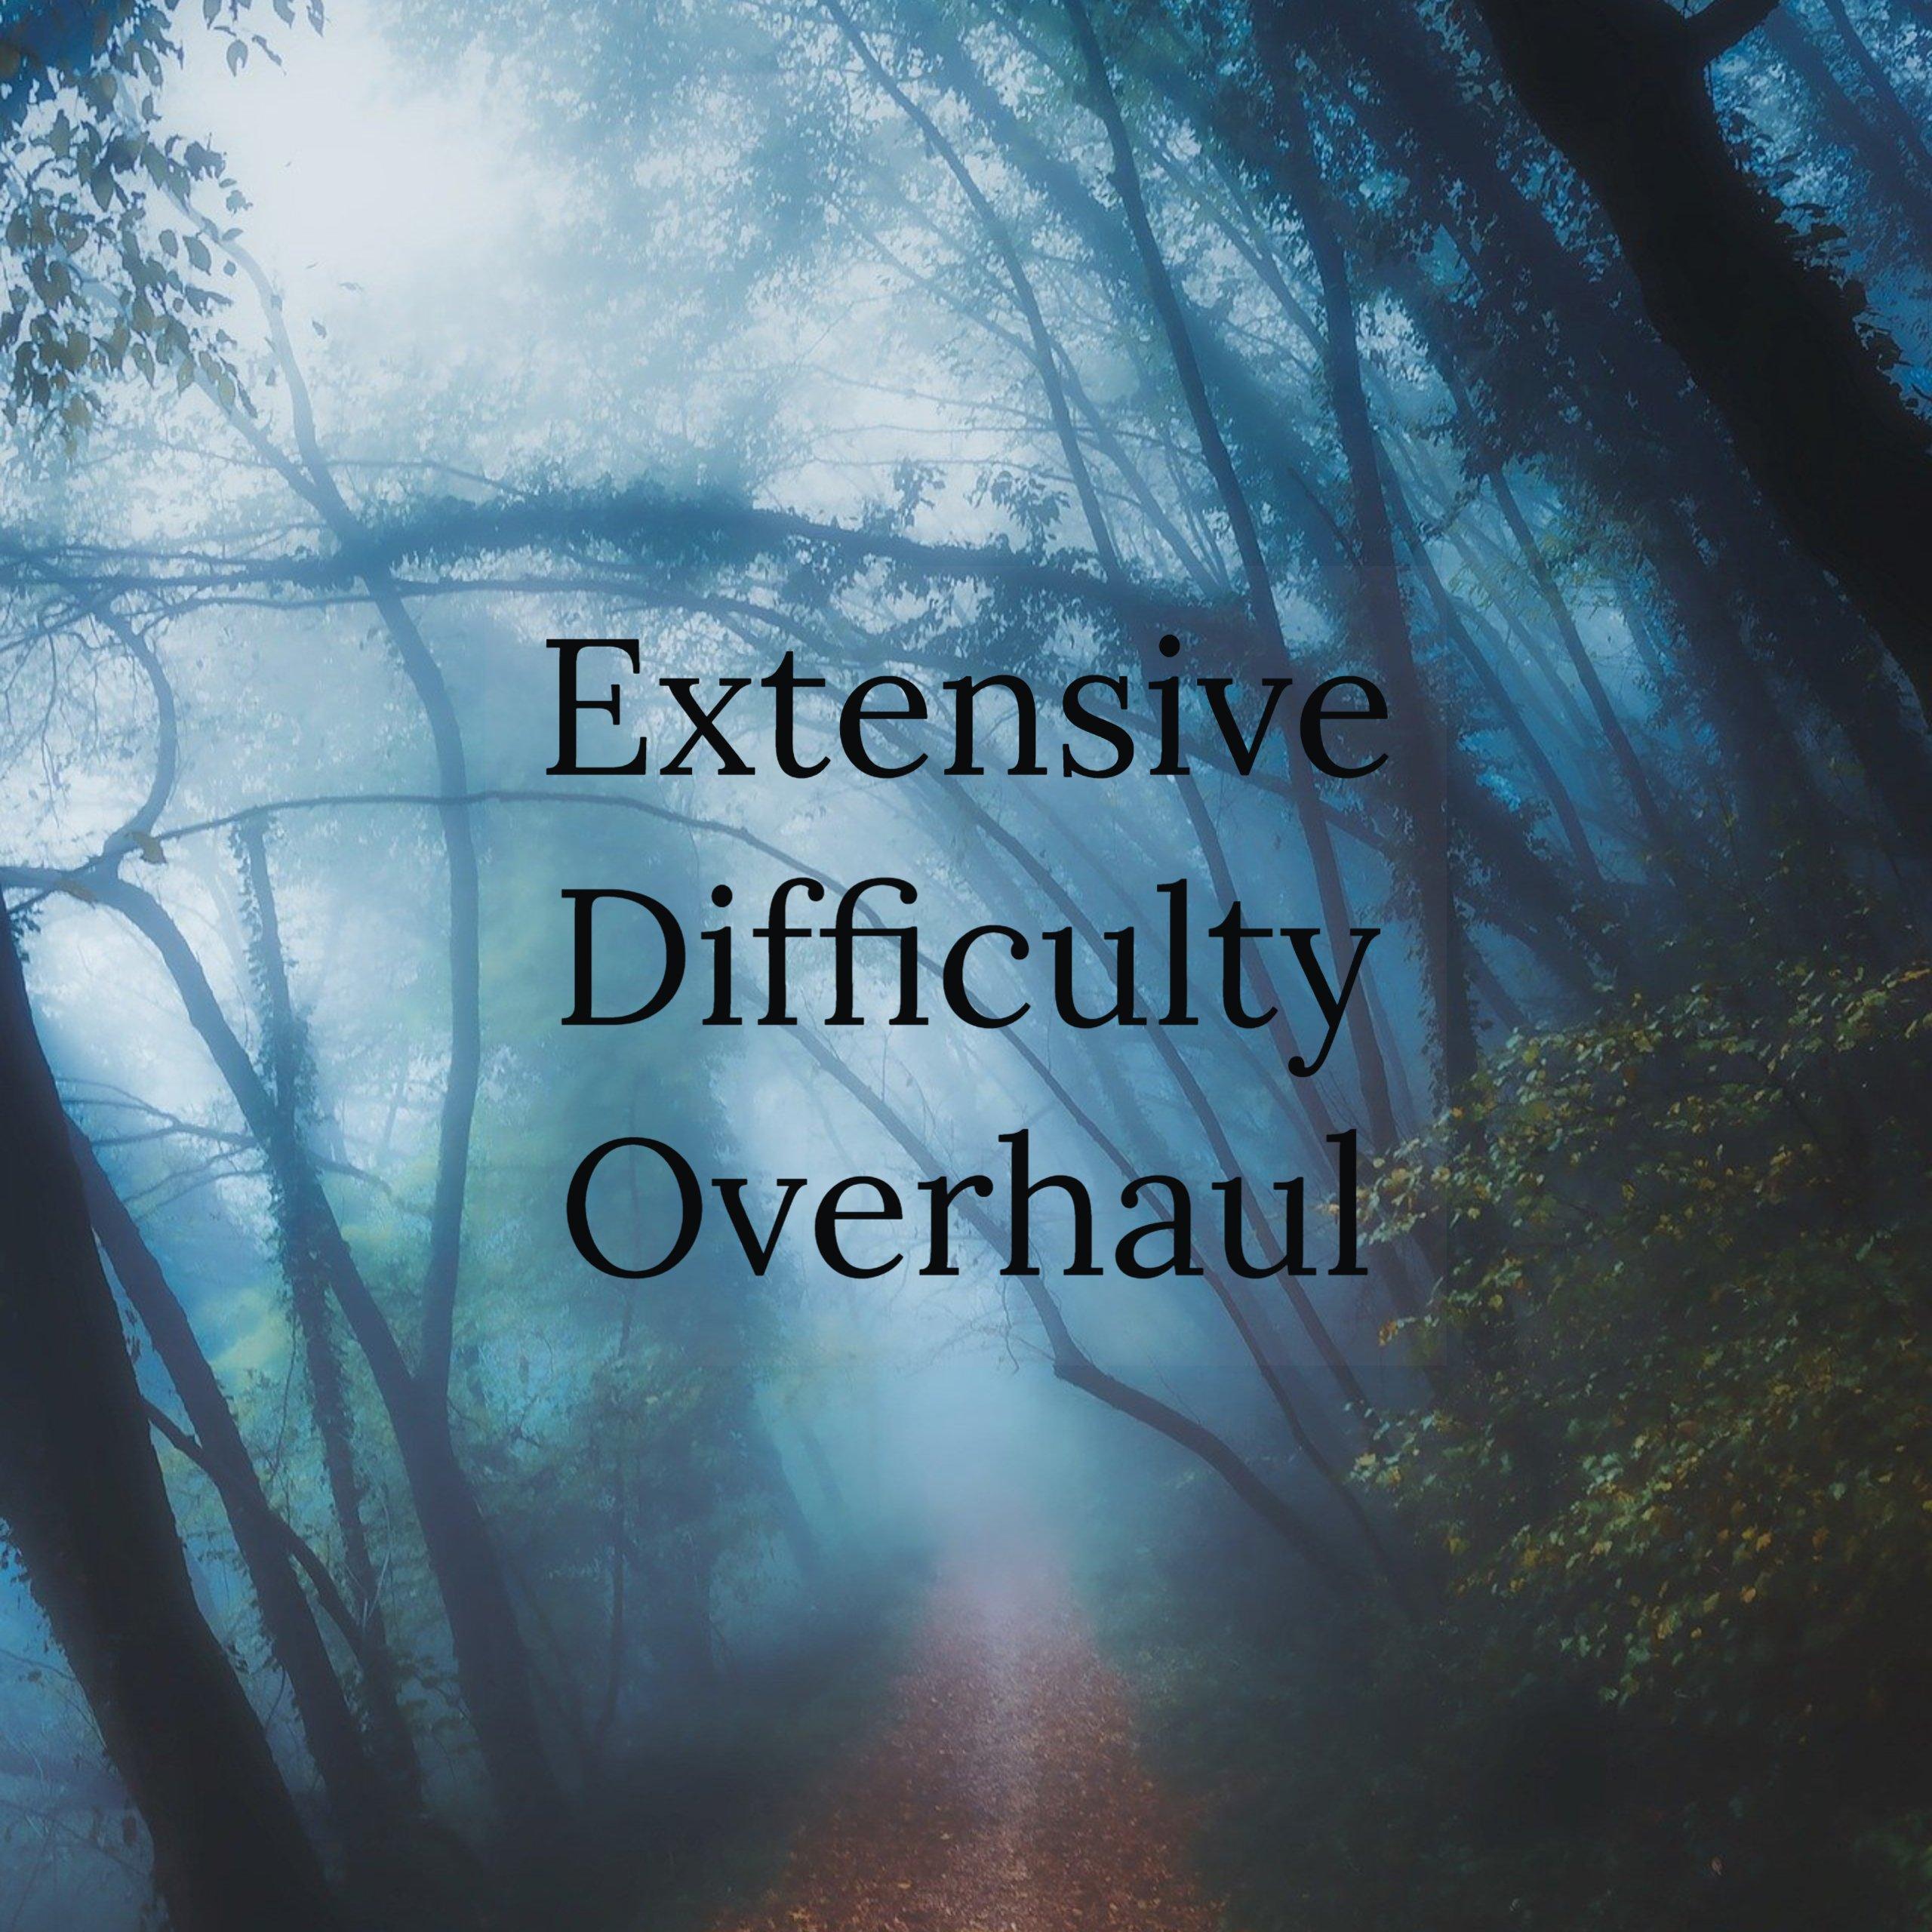 Extensive Difficulty Overhaul